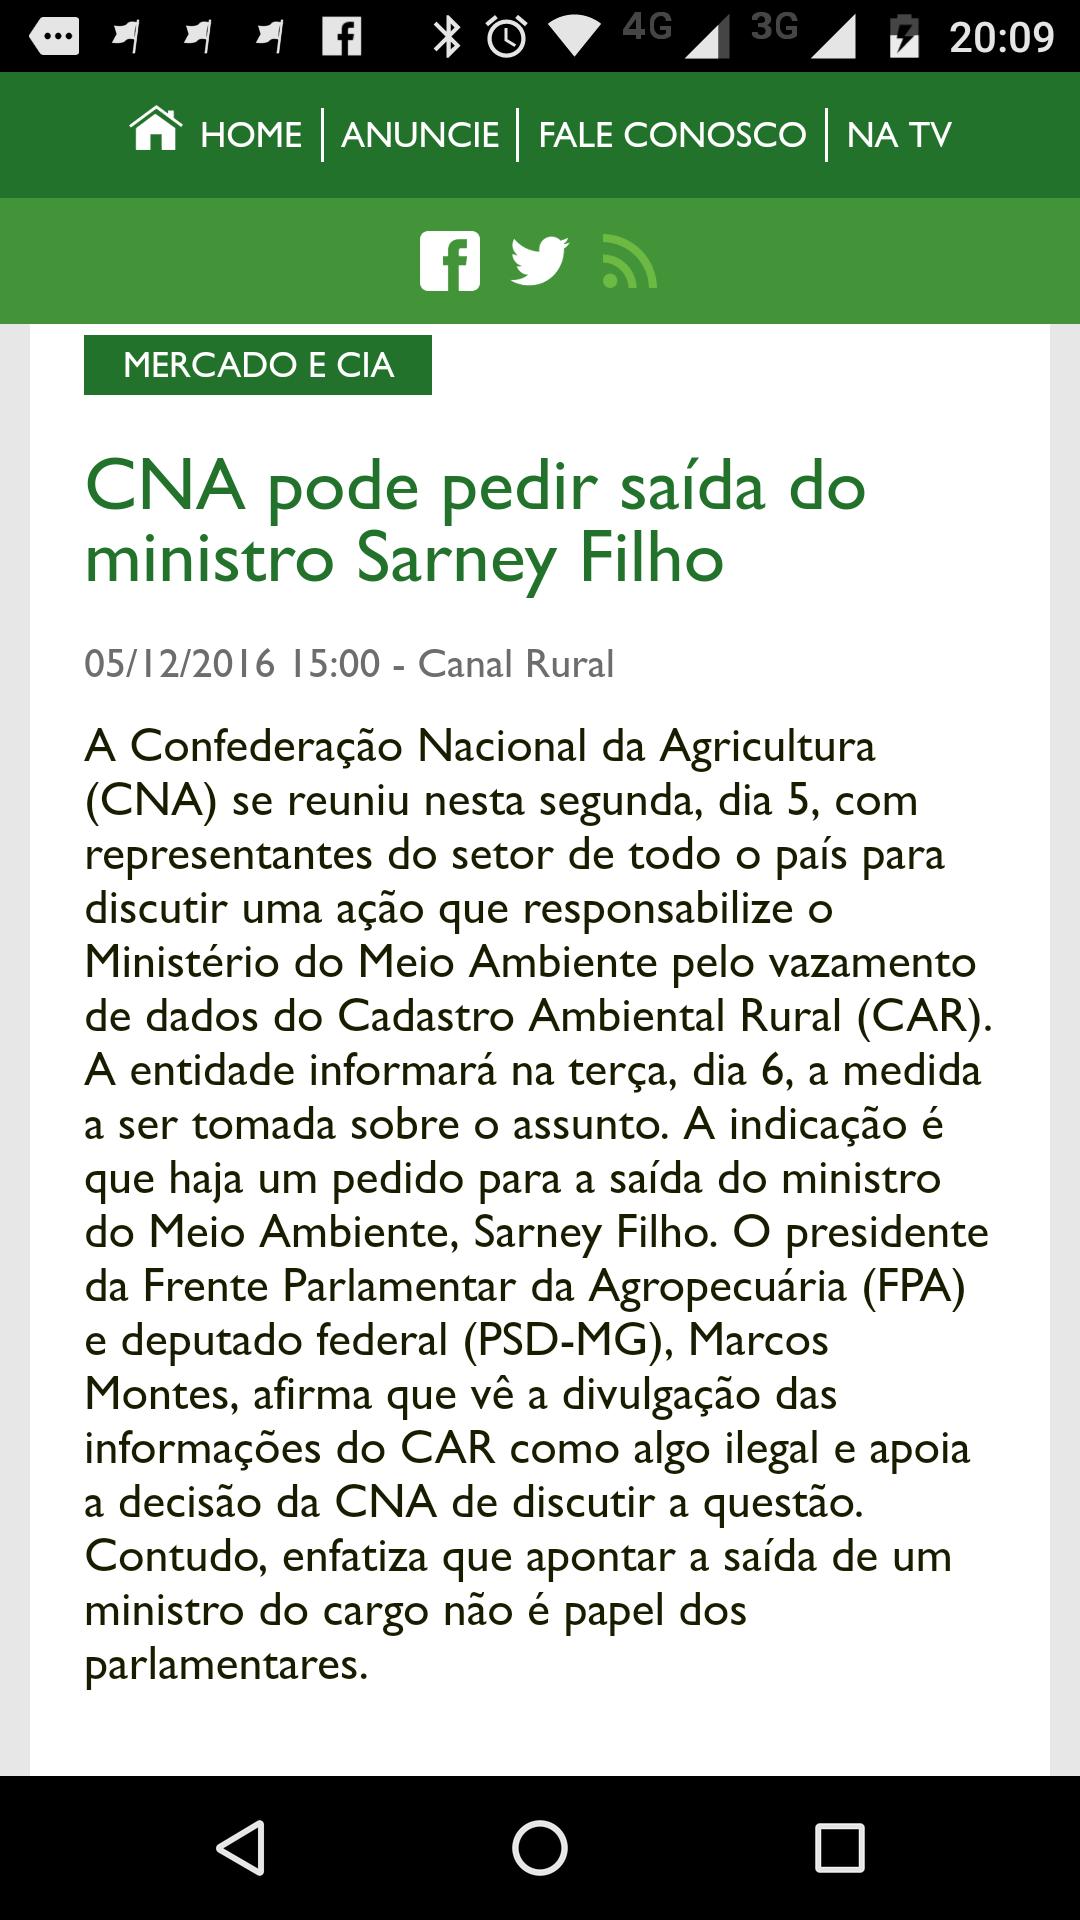 cna0512